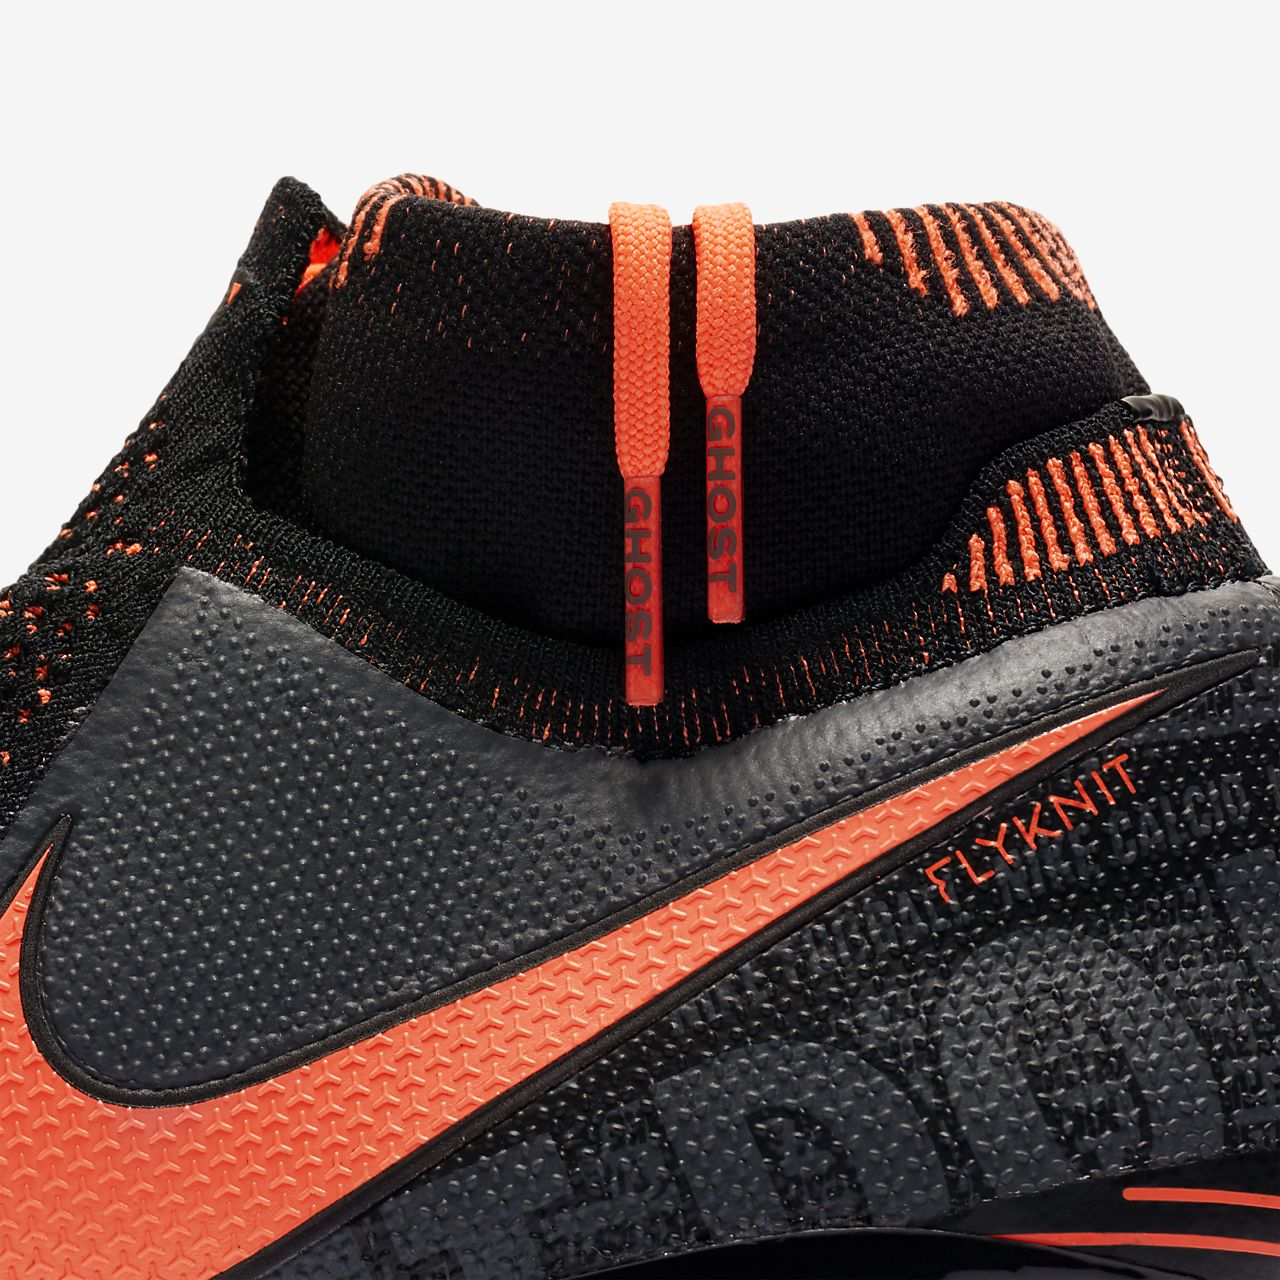 Nike Phantom Vision Elite Dynamic Fit fodboldstøvle til kunstgræs